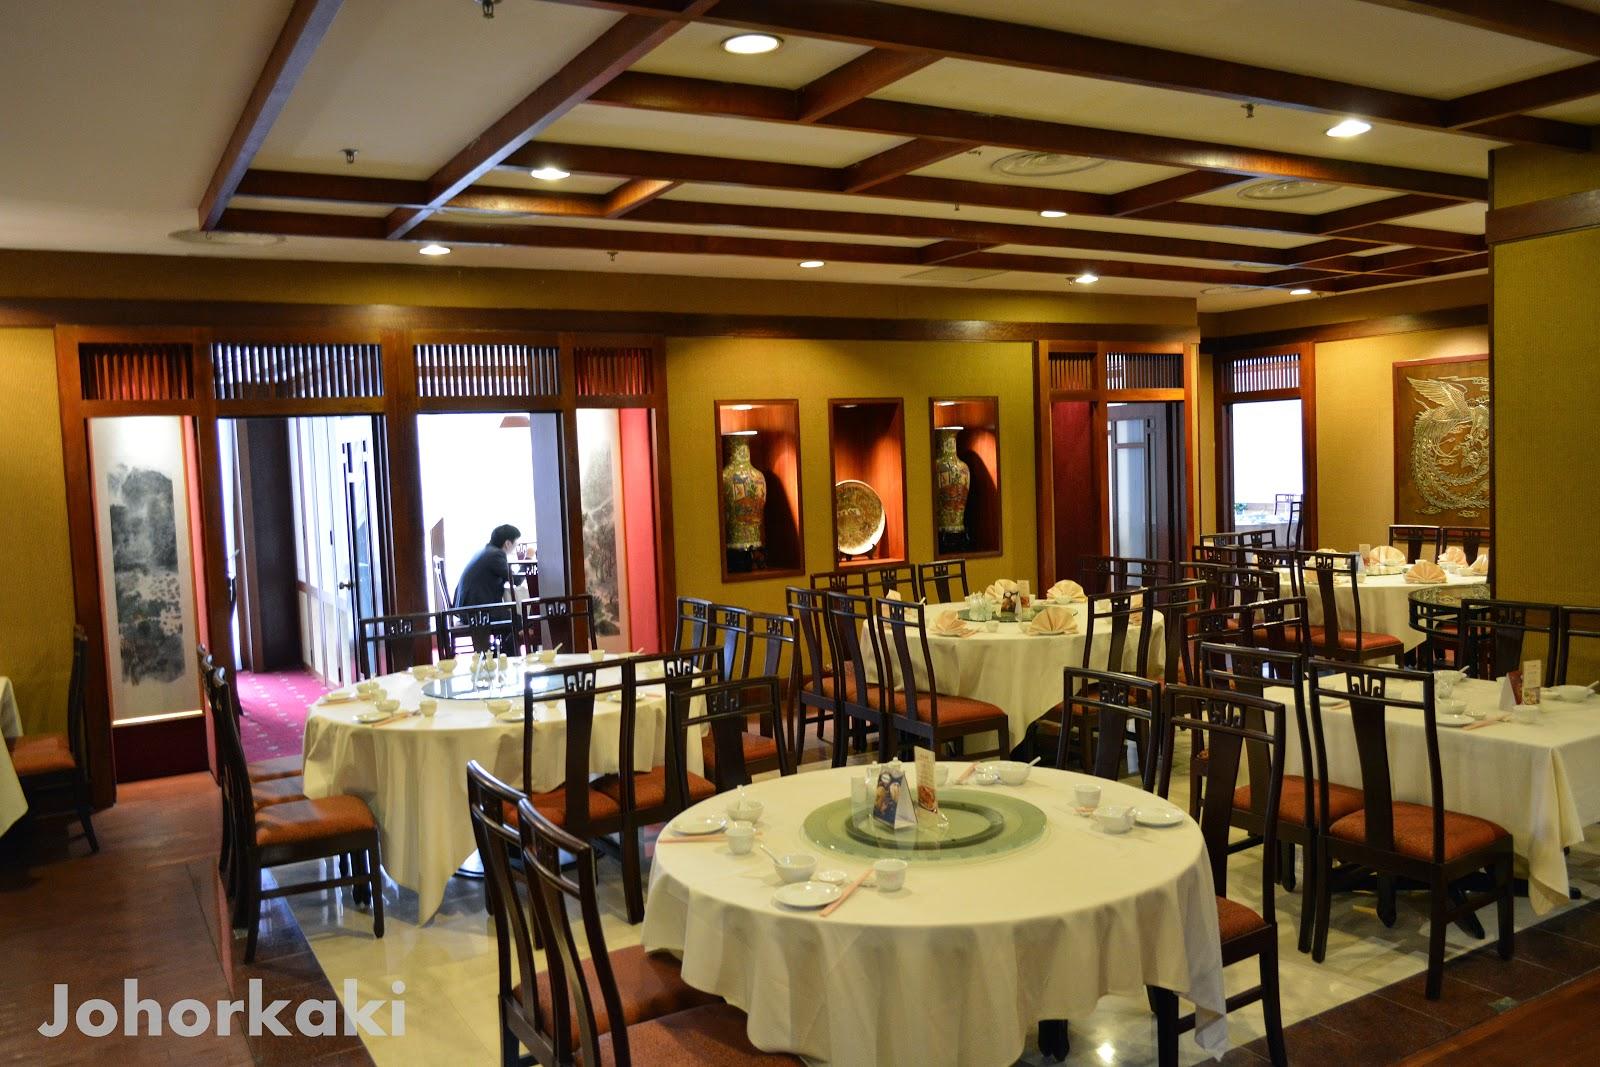 meisan szechuan restaurant at mutiara johor bahru hotel